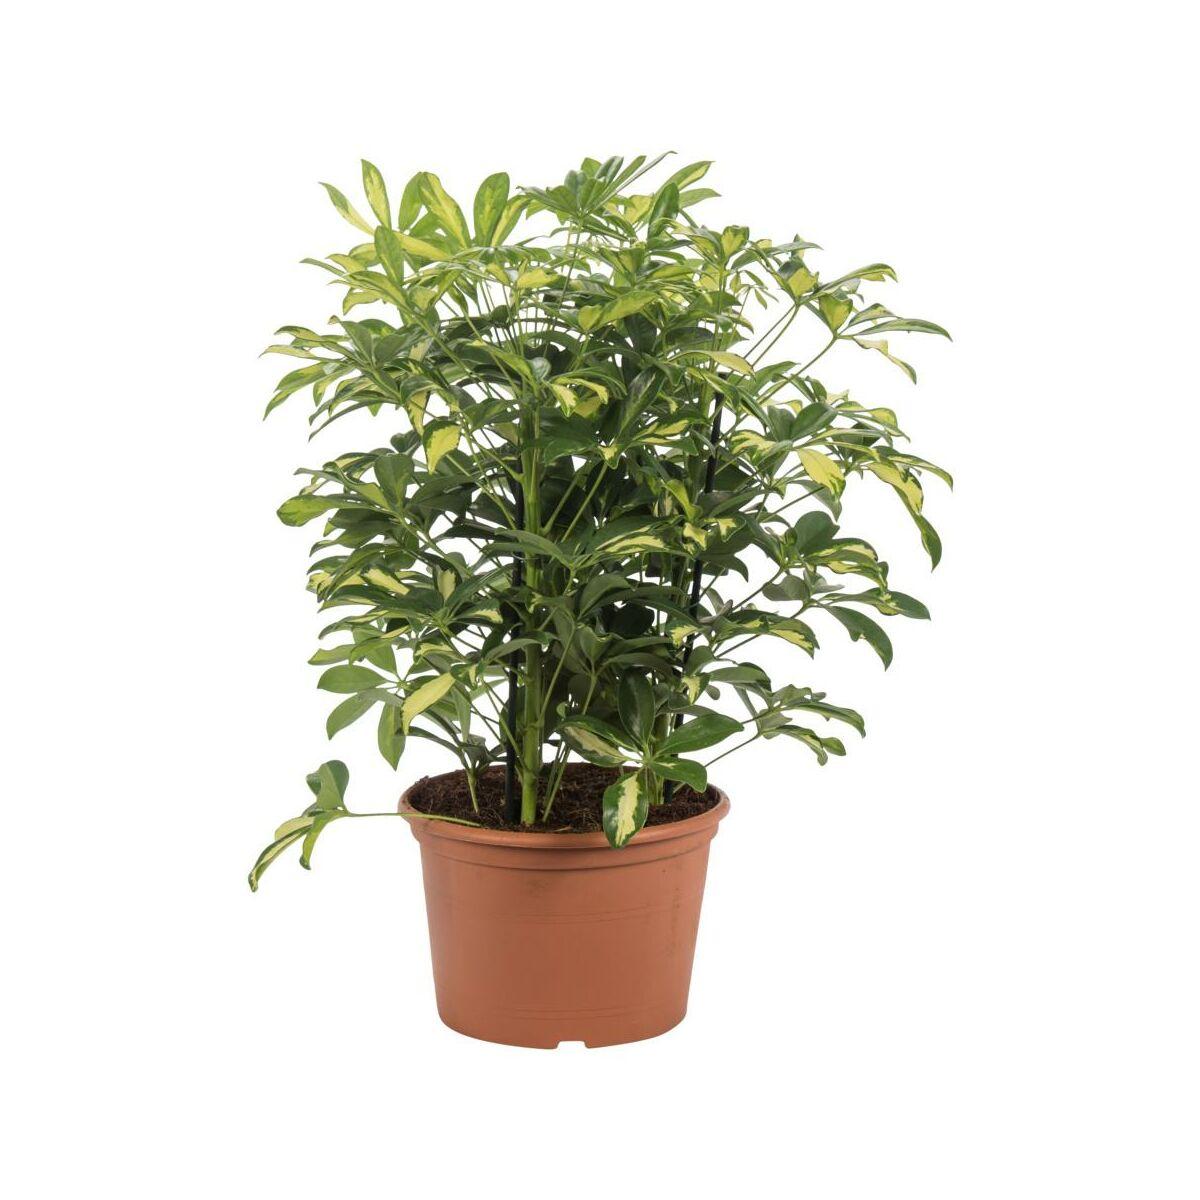 Szeflera MIX 55 cm - Rośliny zielone - w atrakcyjnej cenie w sklepach Leroy  Merlin.